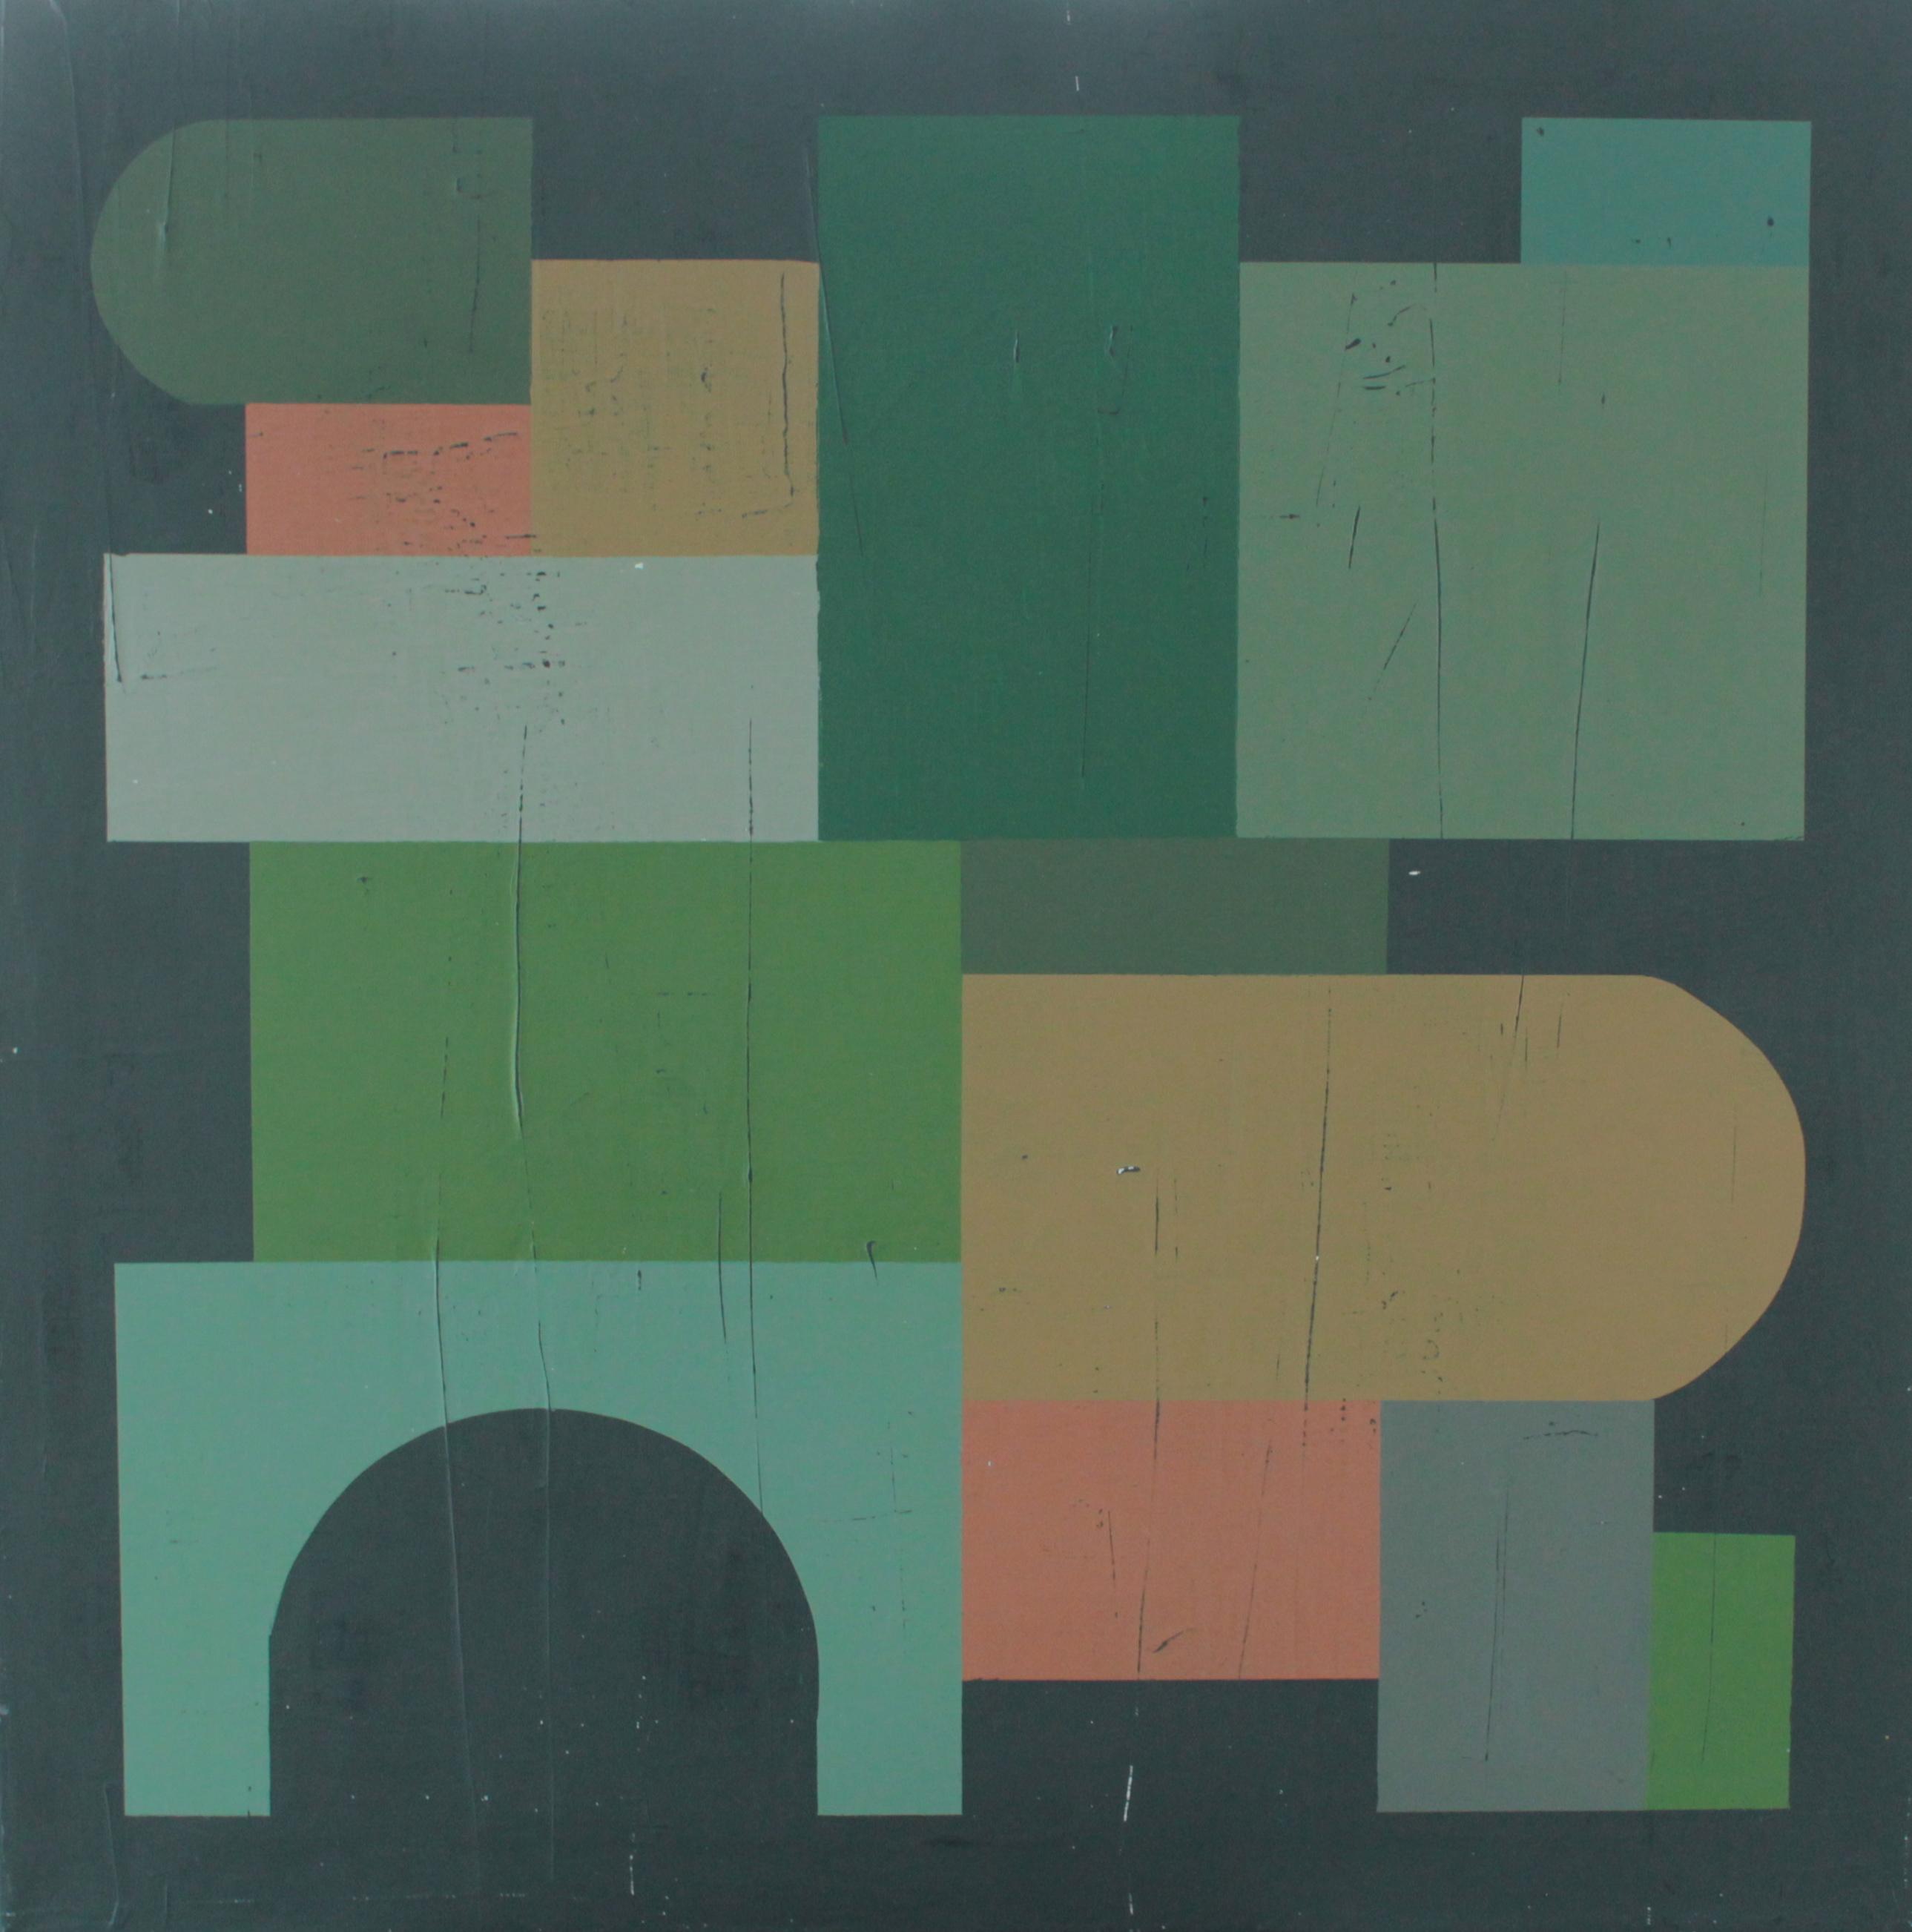 Geometrisk abstrakt maleri af Henriette Fabricius. Geometric abstraction by Henriette Fabricius Canvas 70 x 70 cm